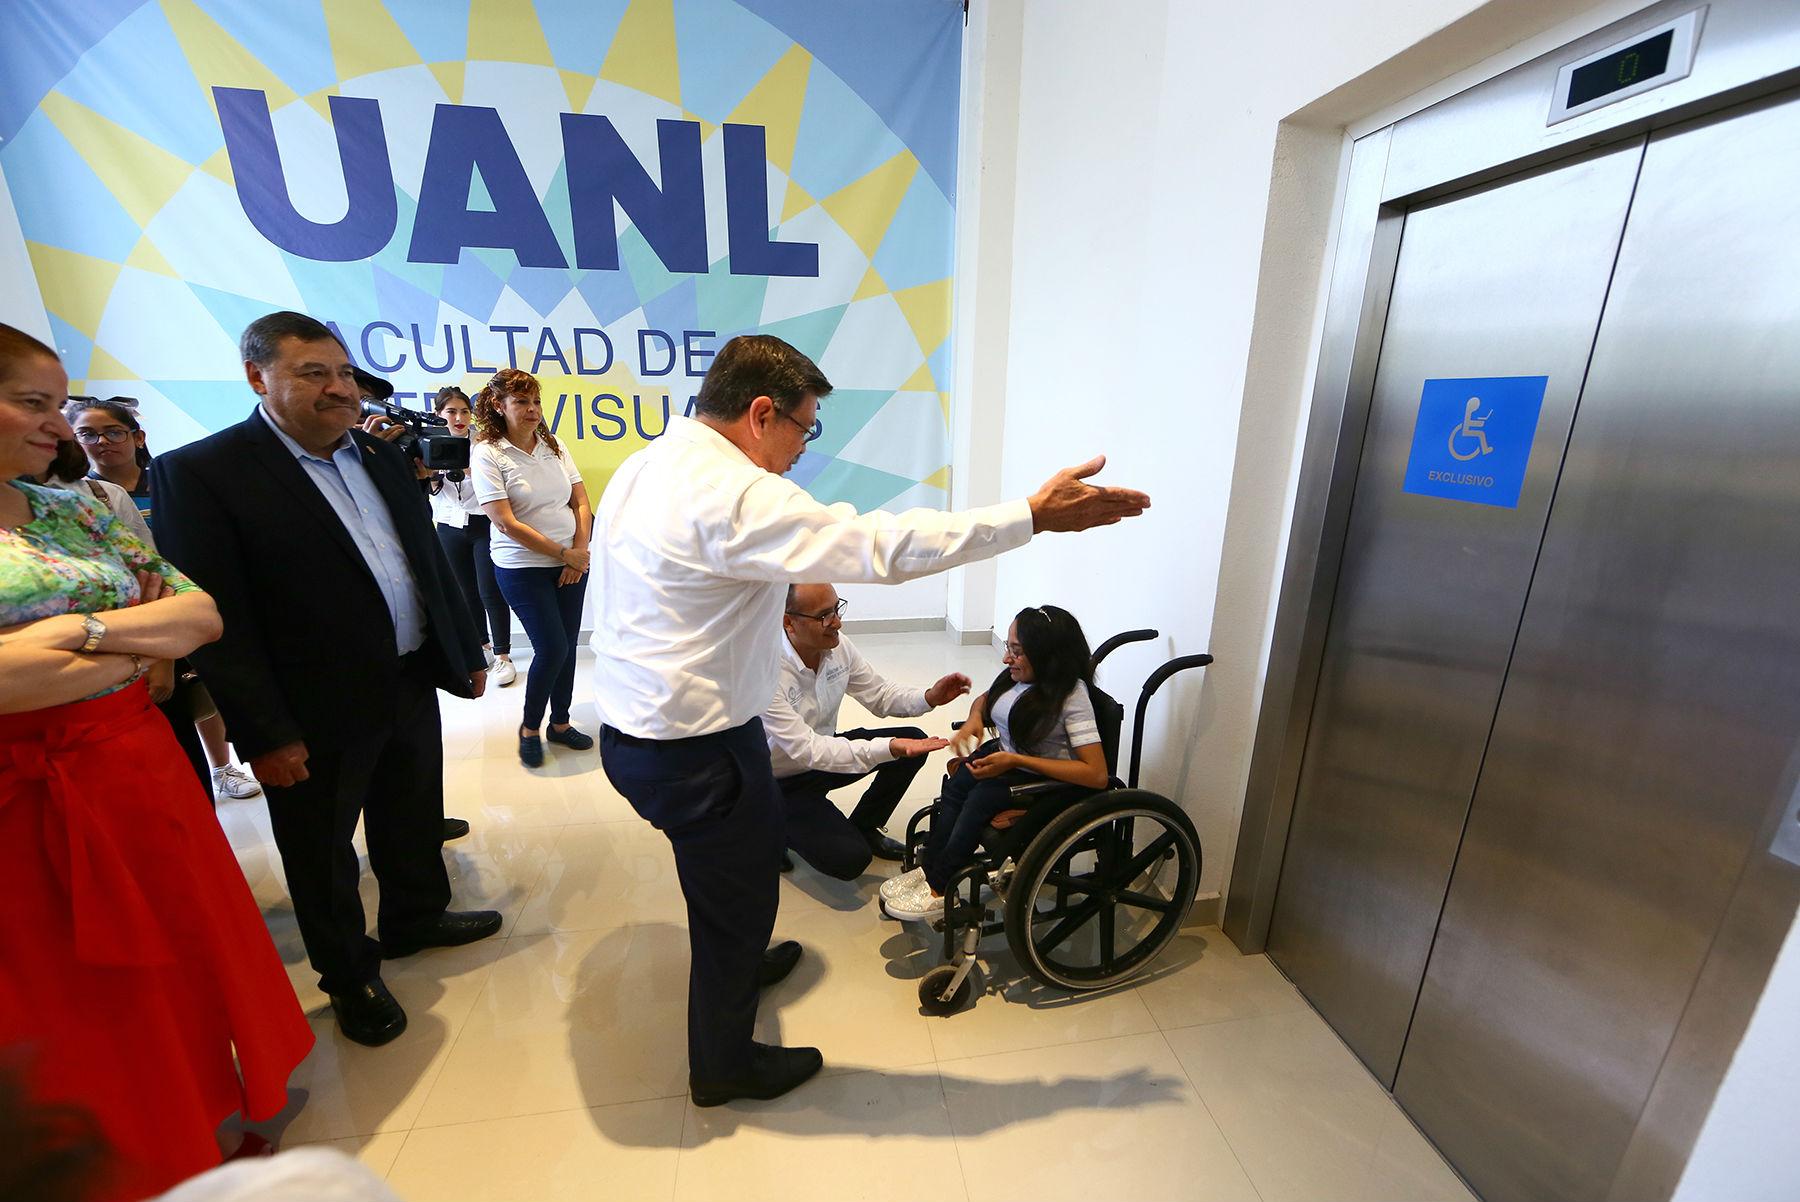 En el edificio está instalado un elevador para las personas que lo necesiten